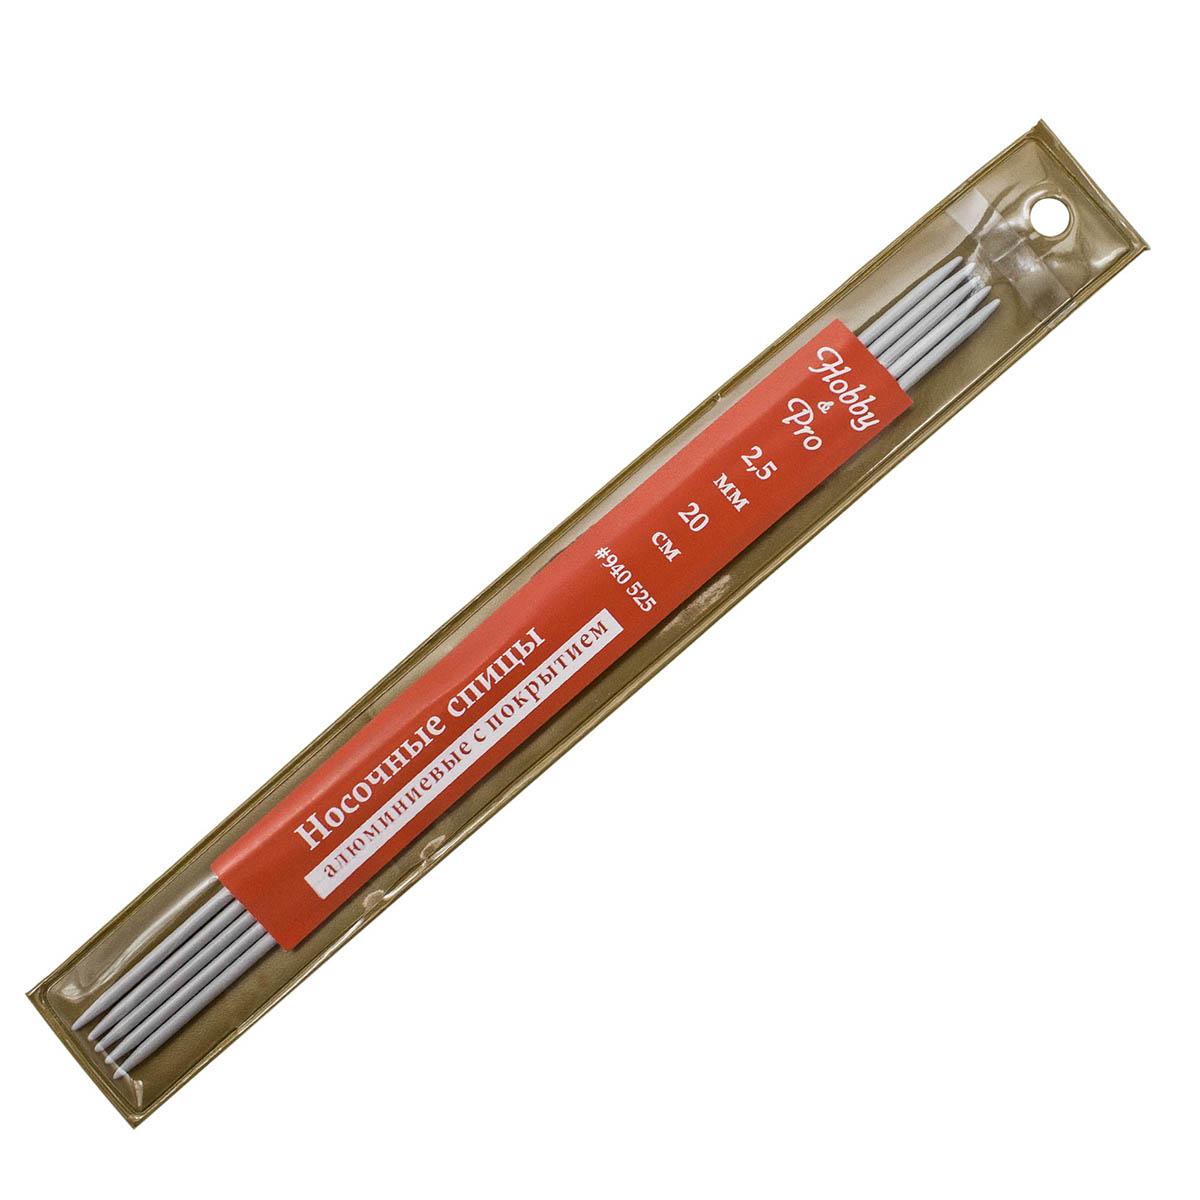 940525 Спицы носочные алюминиевые с покрытием, 20 см*2,5 мм, Hobby&Pro